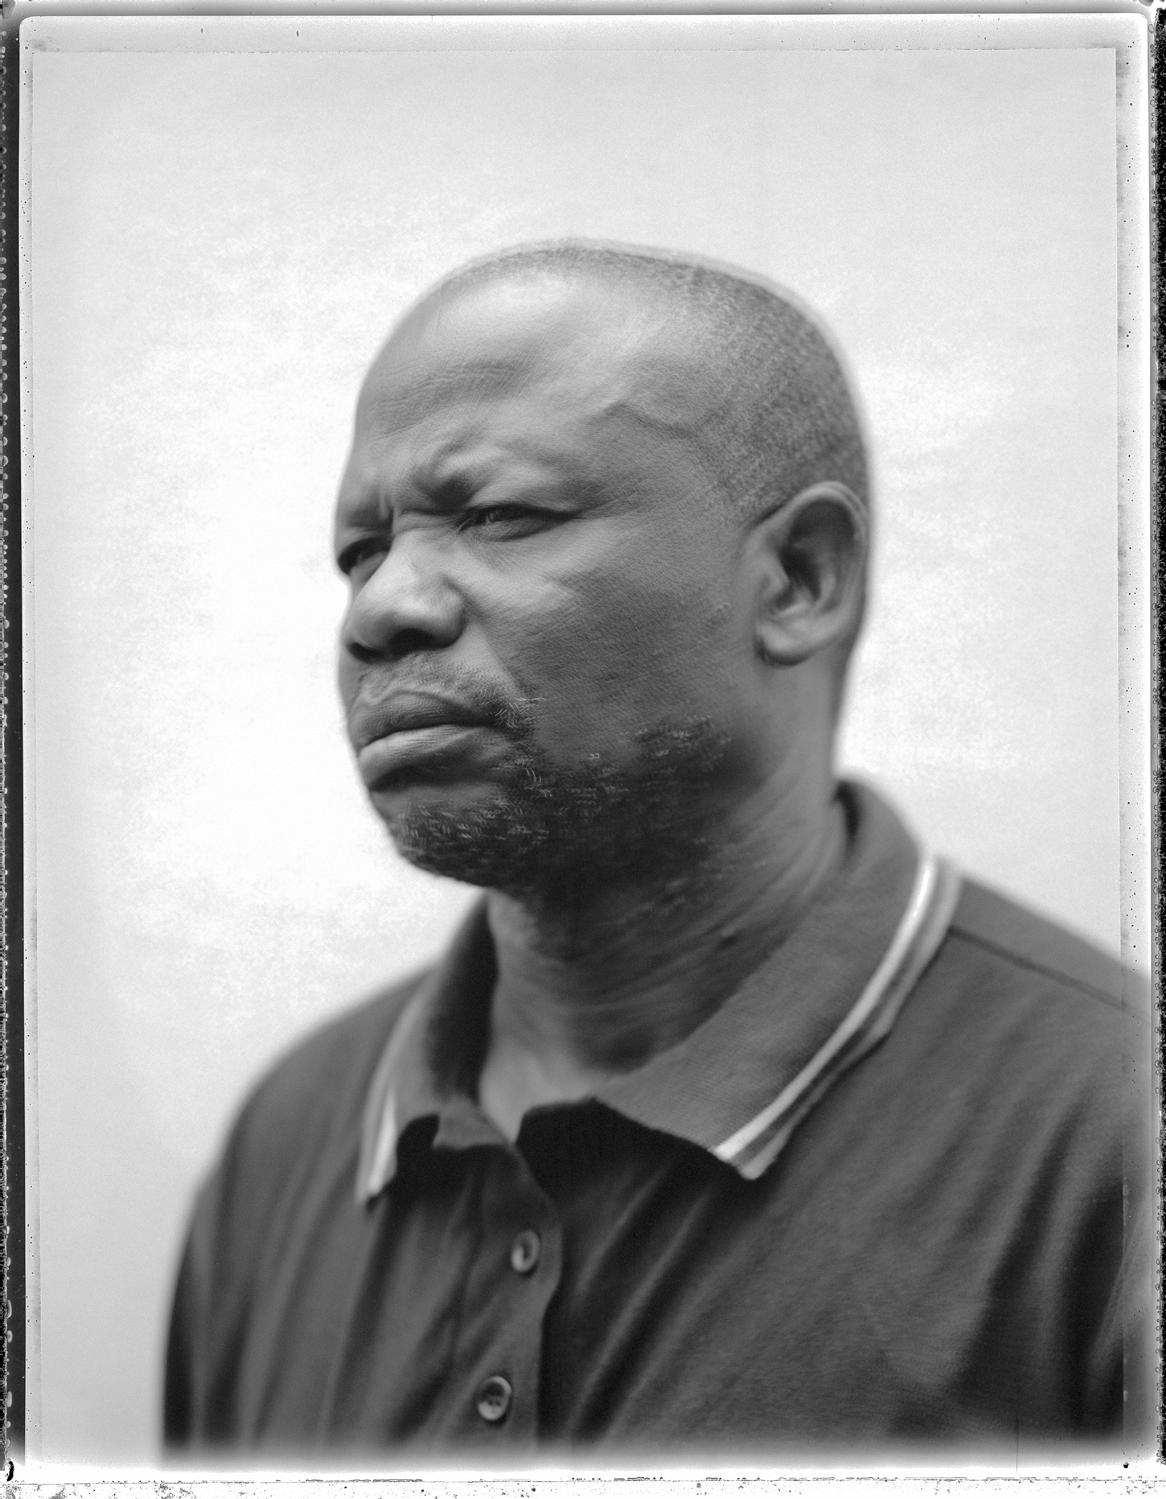 Desmond Mathe 2.png